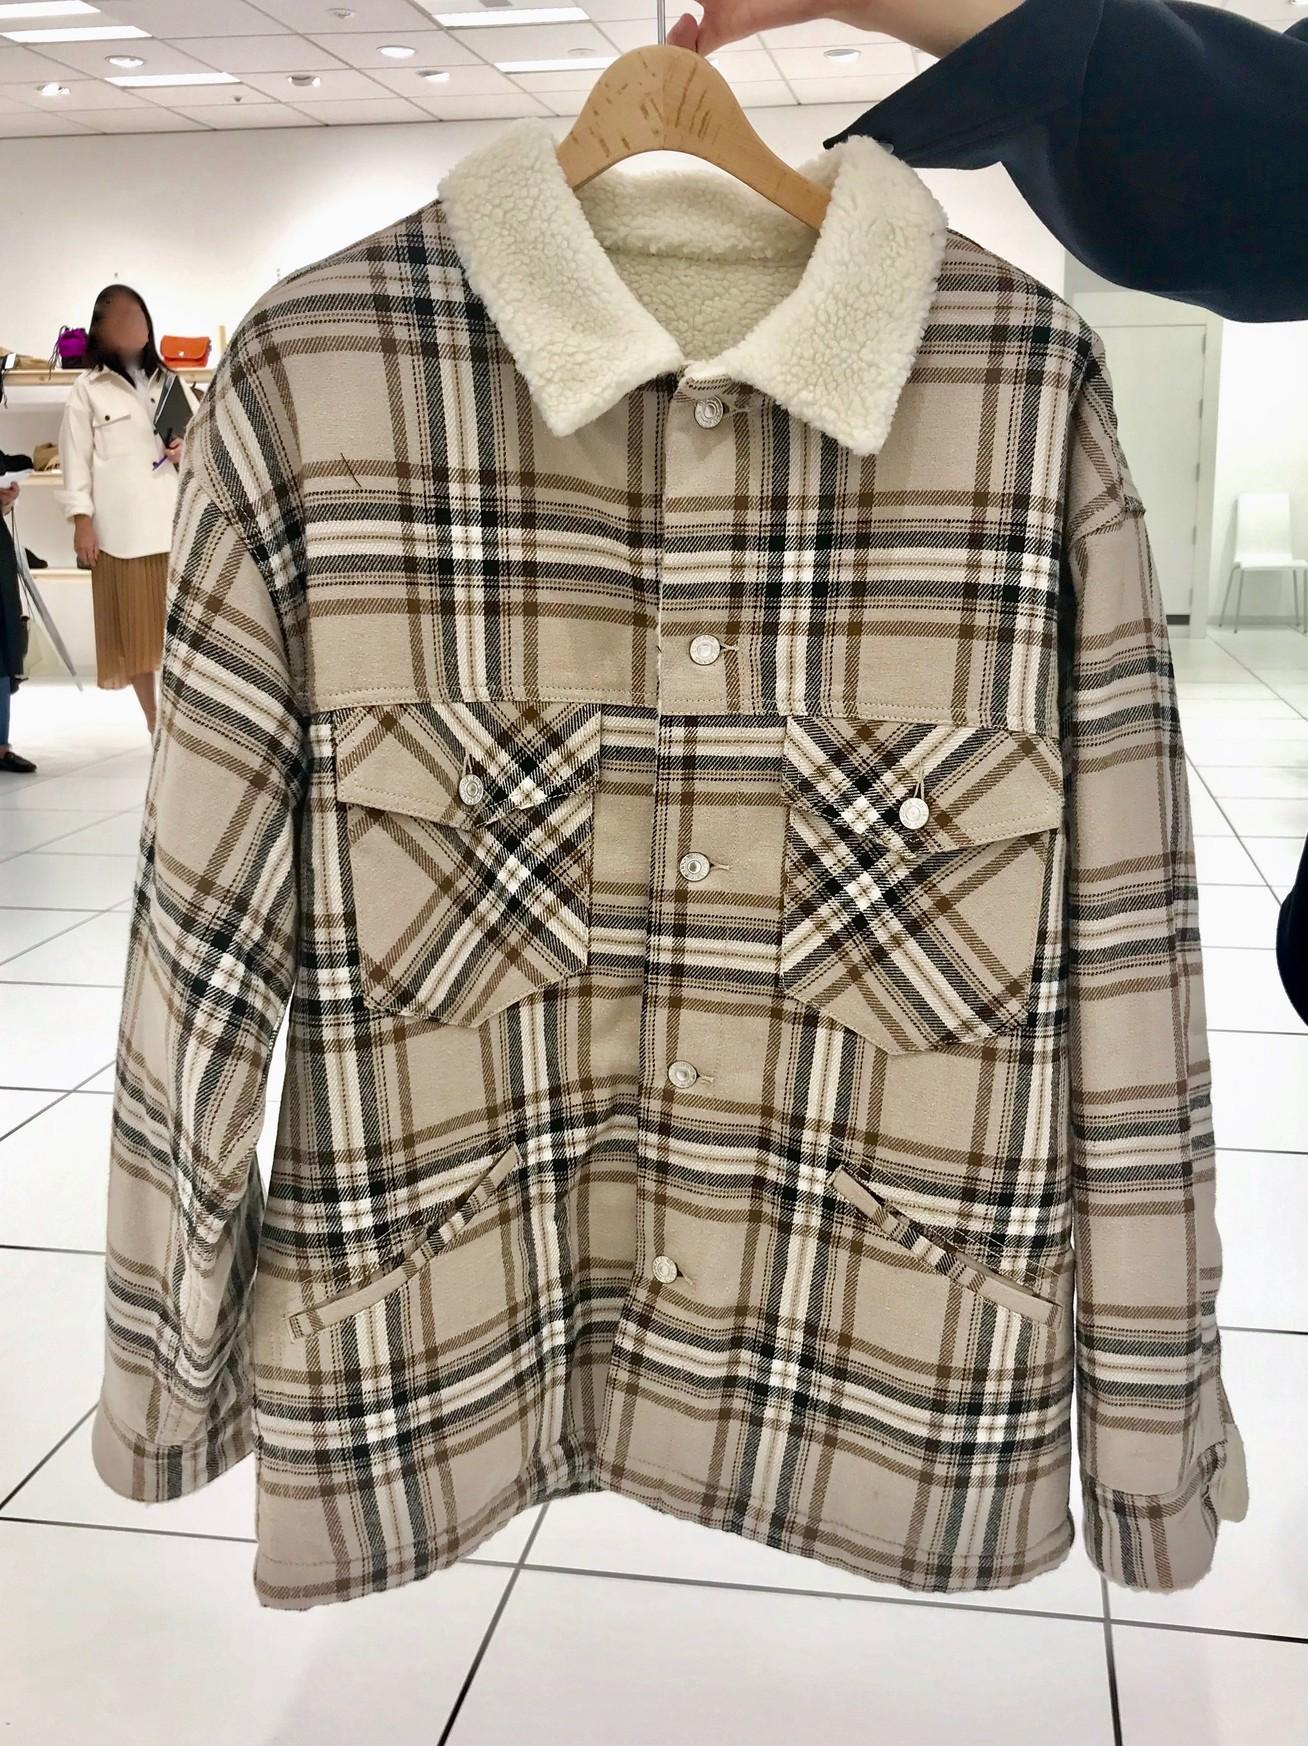 2019秋→冬は中間ライトアウターを買え【GU(ジーユー)】のCPOジャケットで30代女子があか抜けるコーデのコツ_2_4